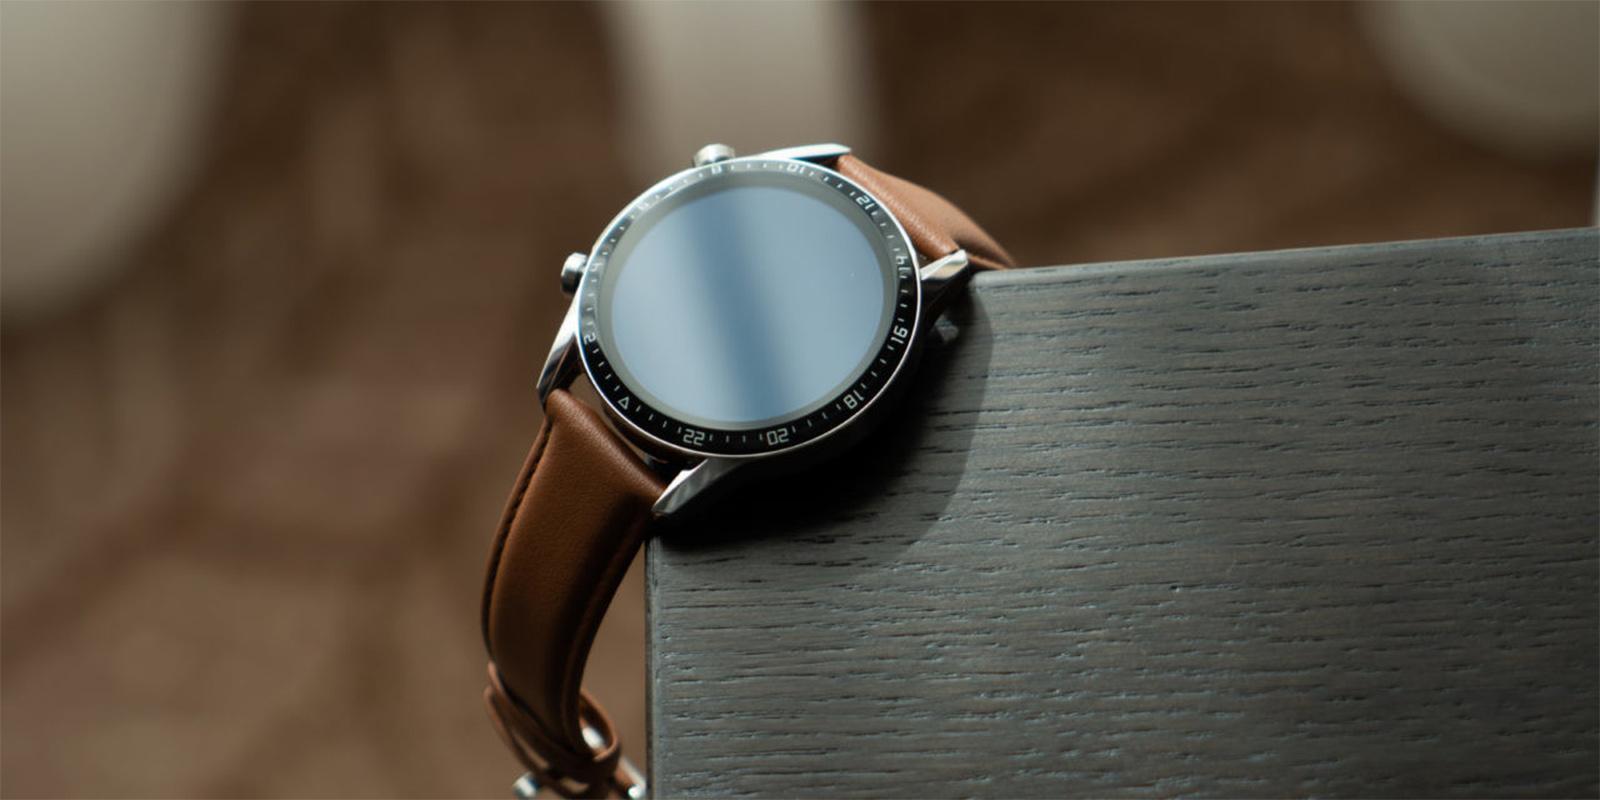 Обзор смарт-часов Huawei Watch GT2 - дизайн смарт-часов